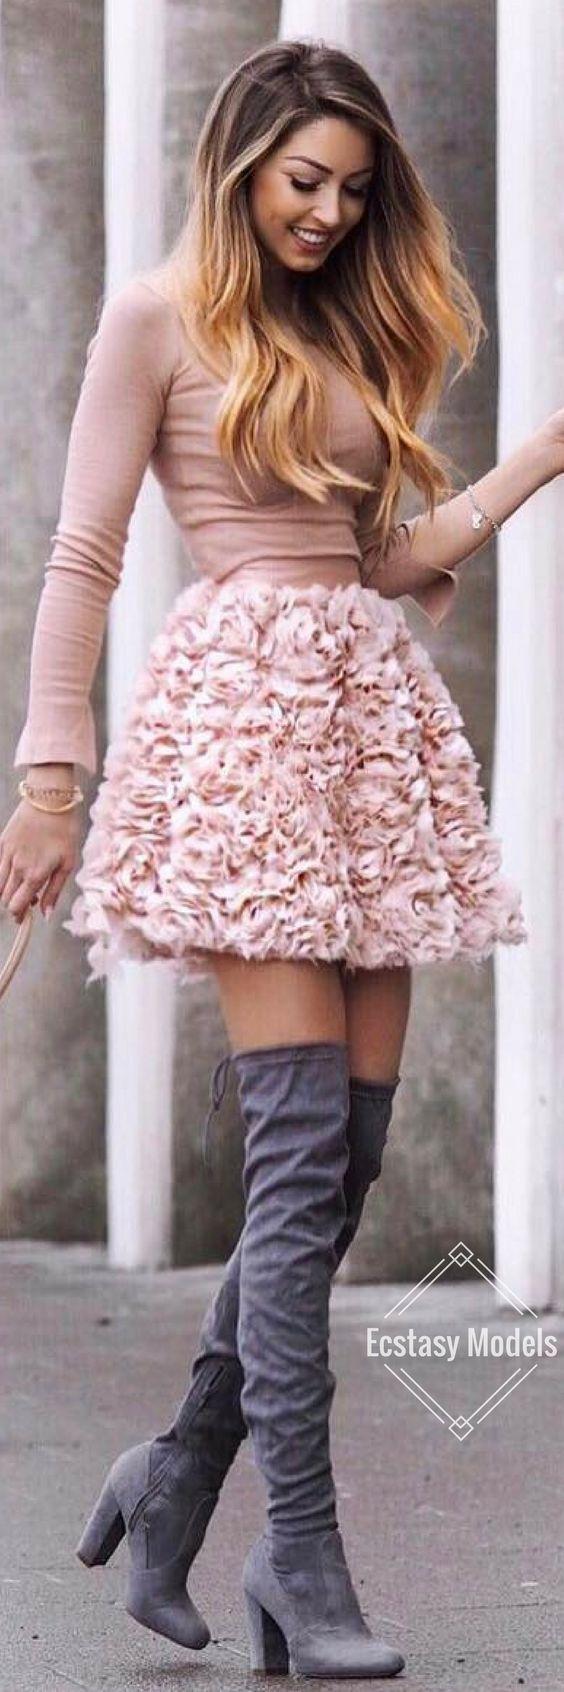 Spring Blooms // Fashion Look by Caroline Einhoff